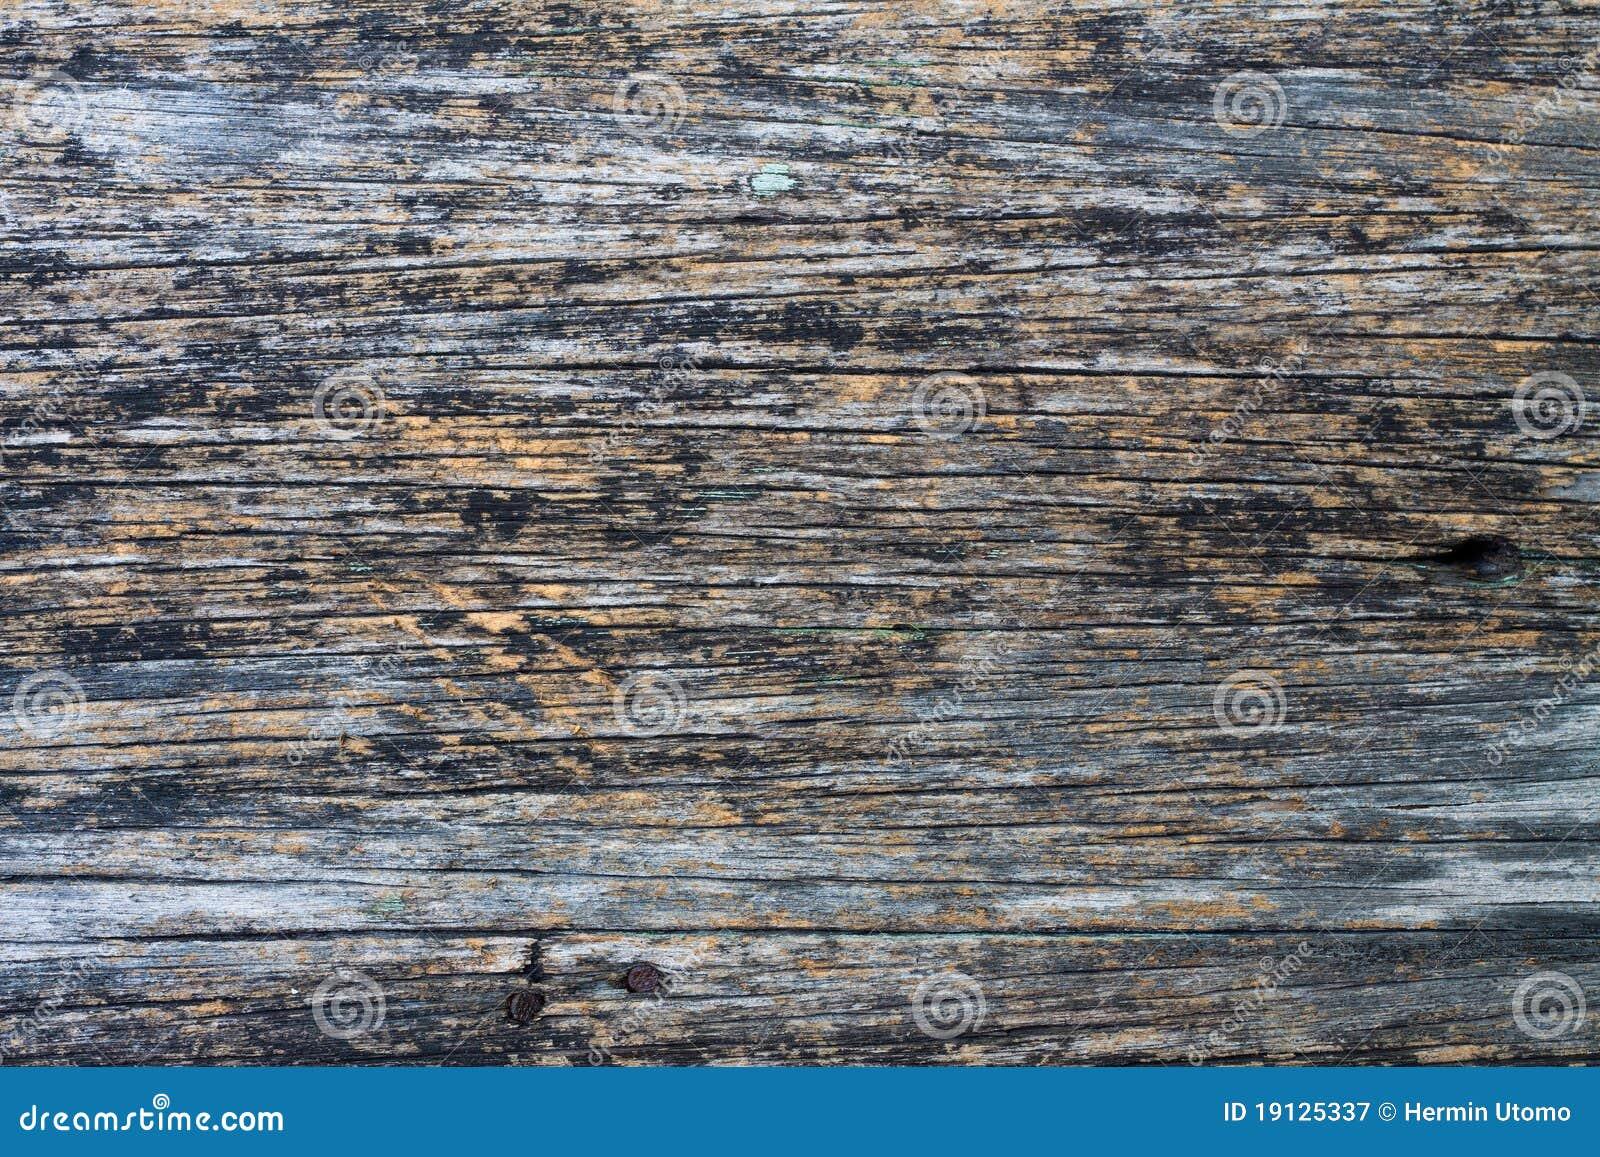 Vieille planche en bois photographie stock libre de droits image 19125337 - Vieille planche bois ...